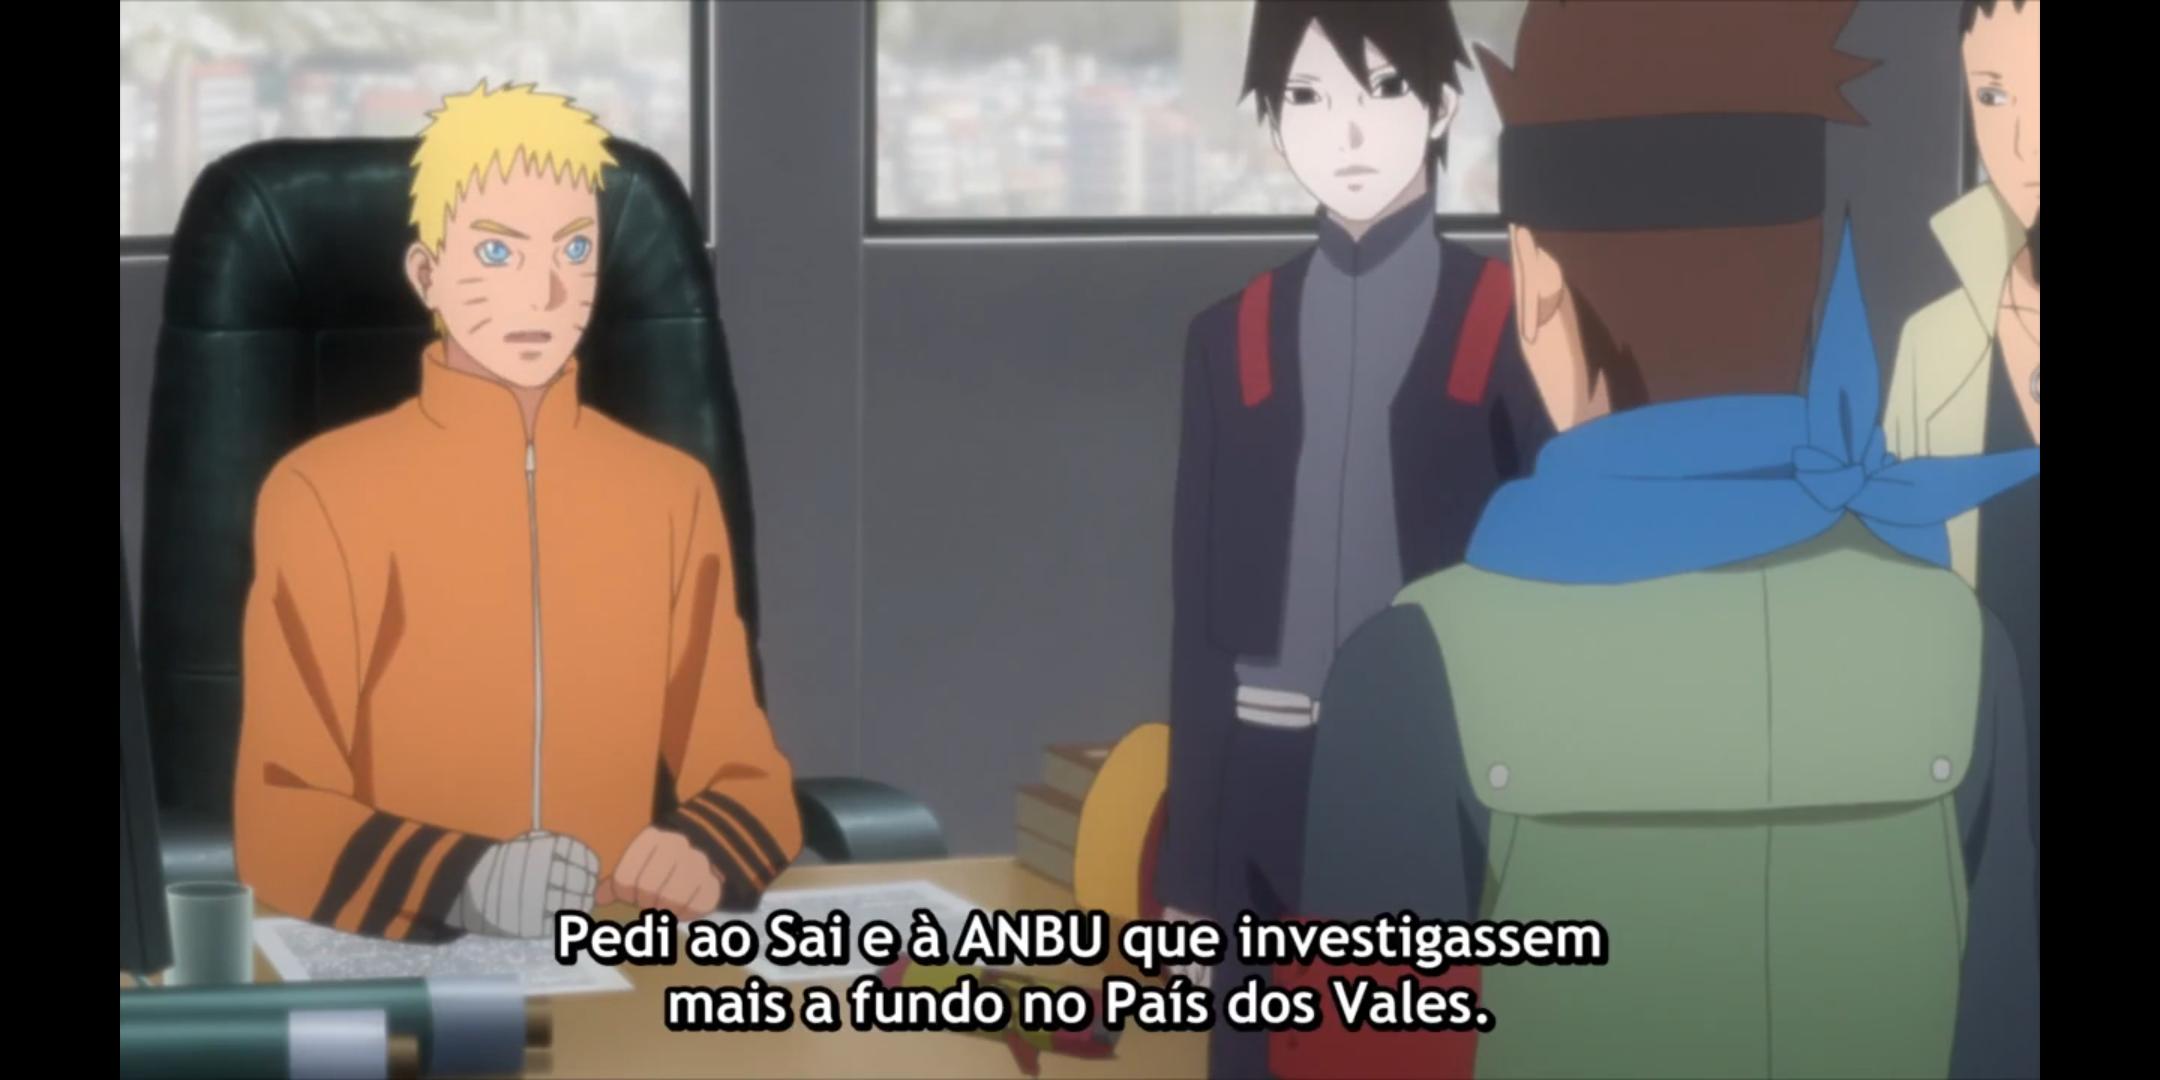 Episódio 176 de Boruto - Naruto explica que pediu a Anbu para investigar o País dos Vales